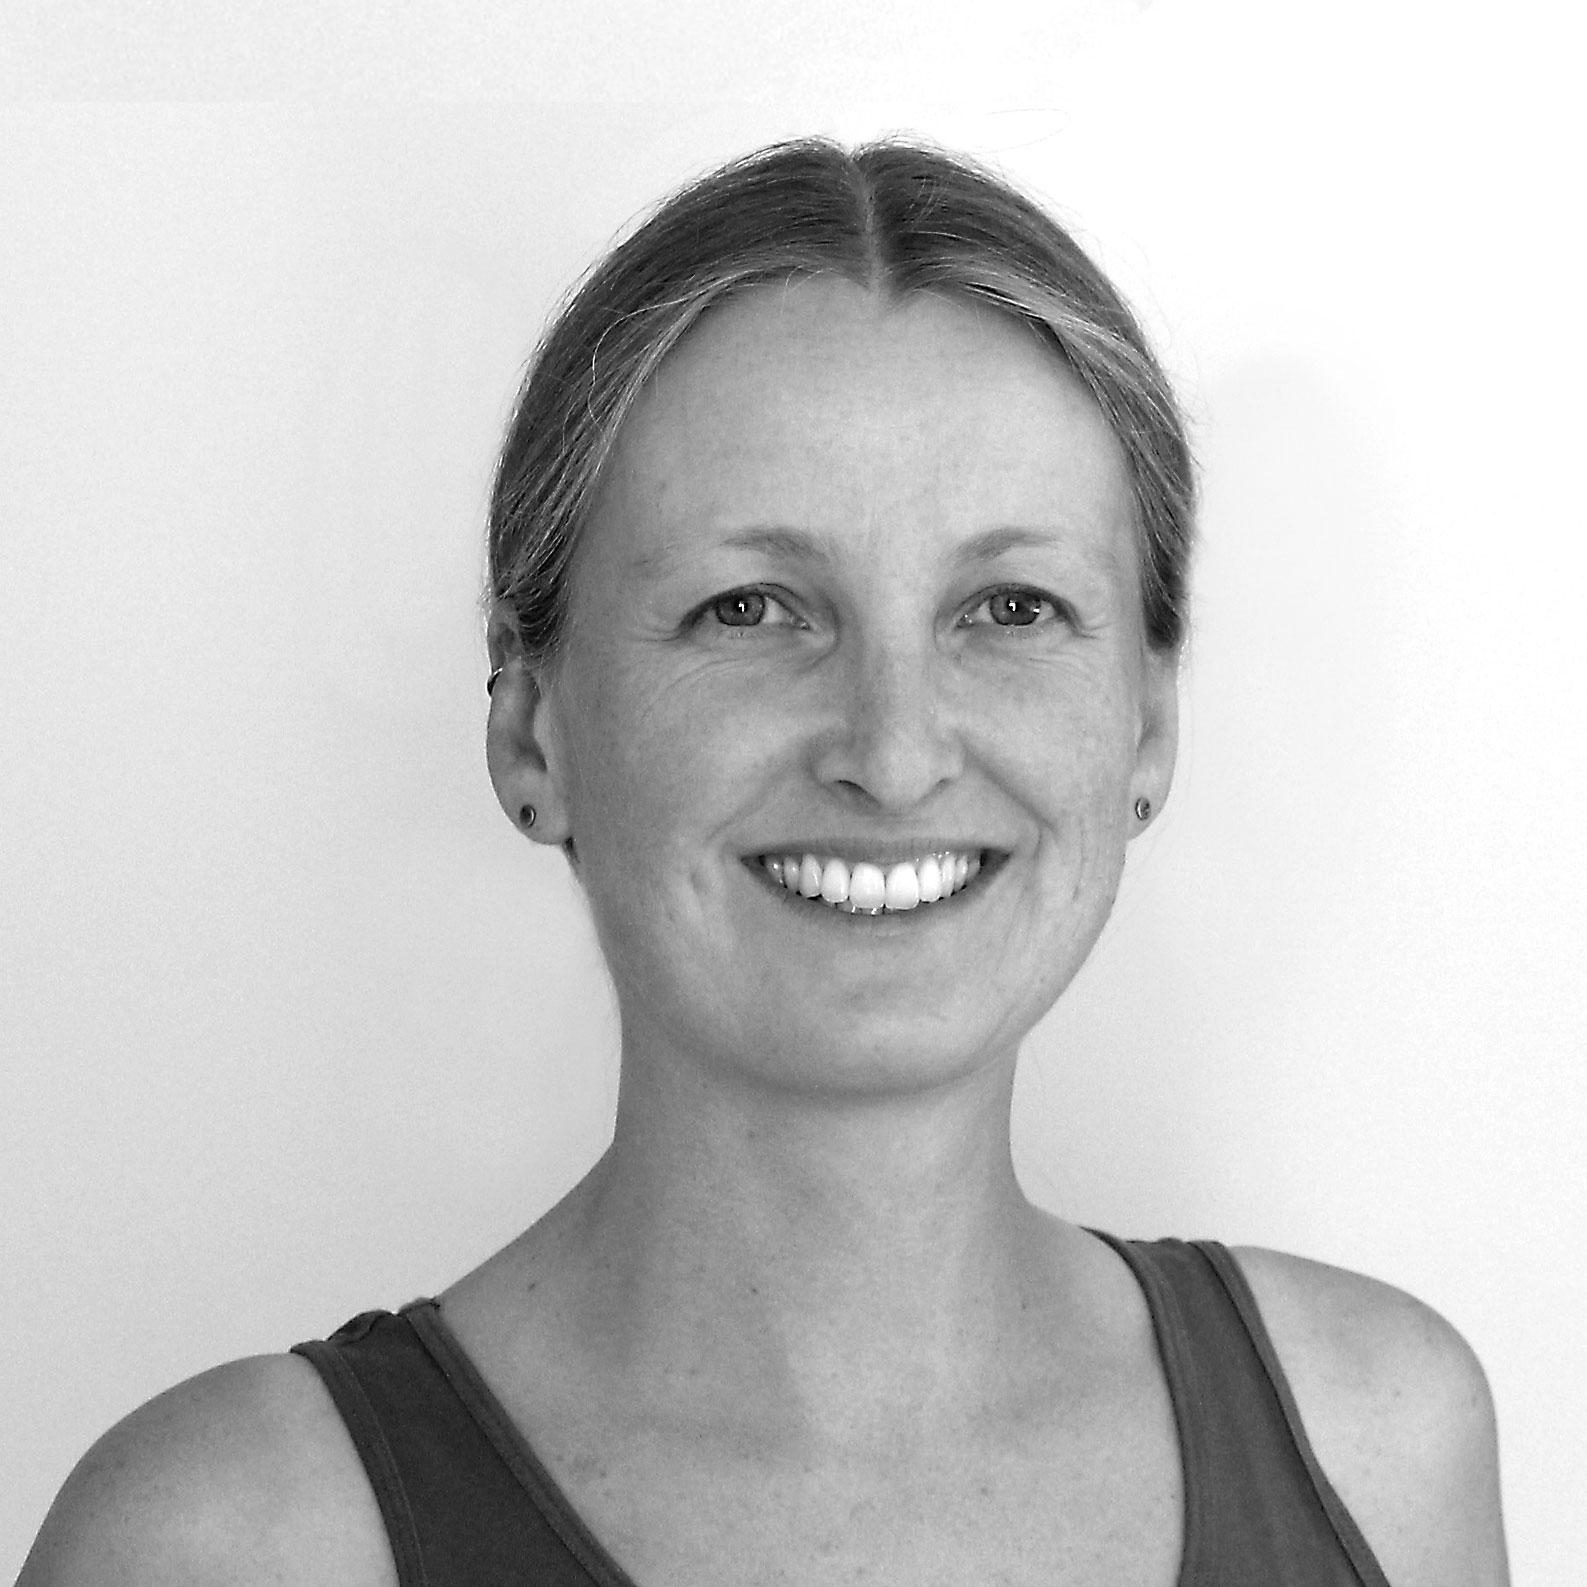 Nathalie Rickert